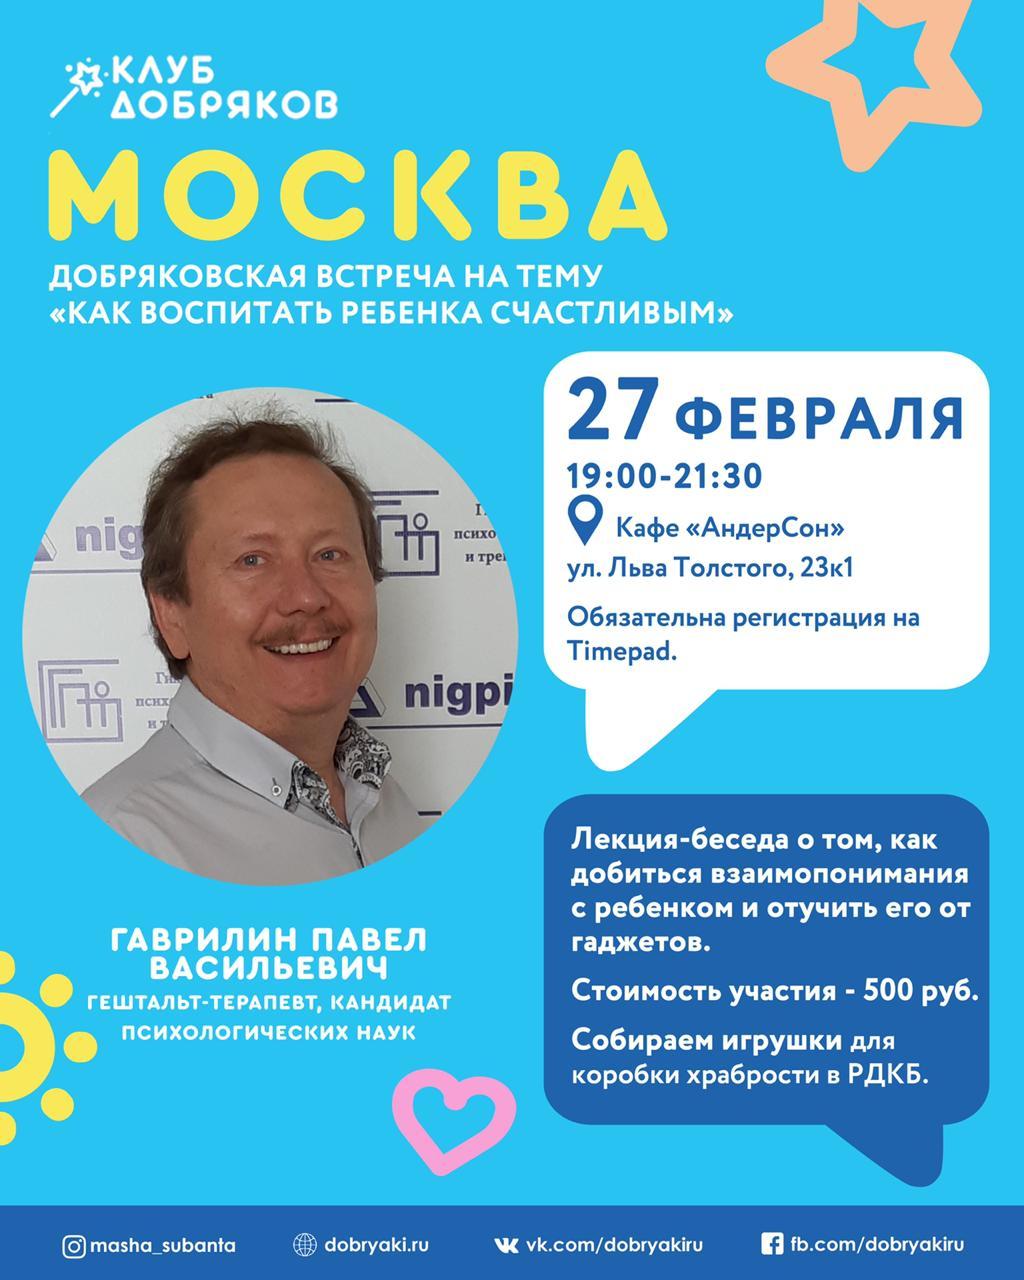 Московские добряки проведут встречу с психологом